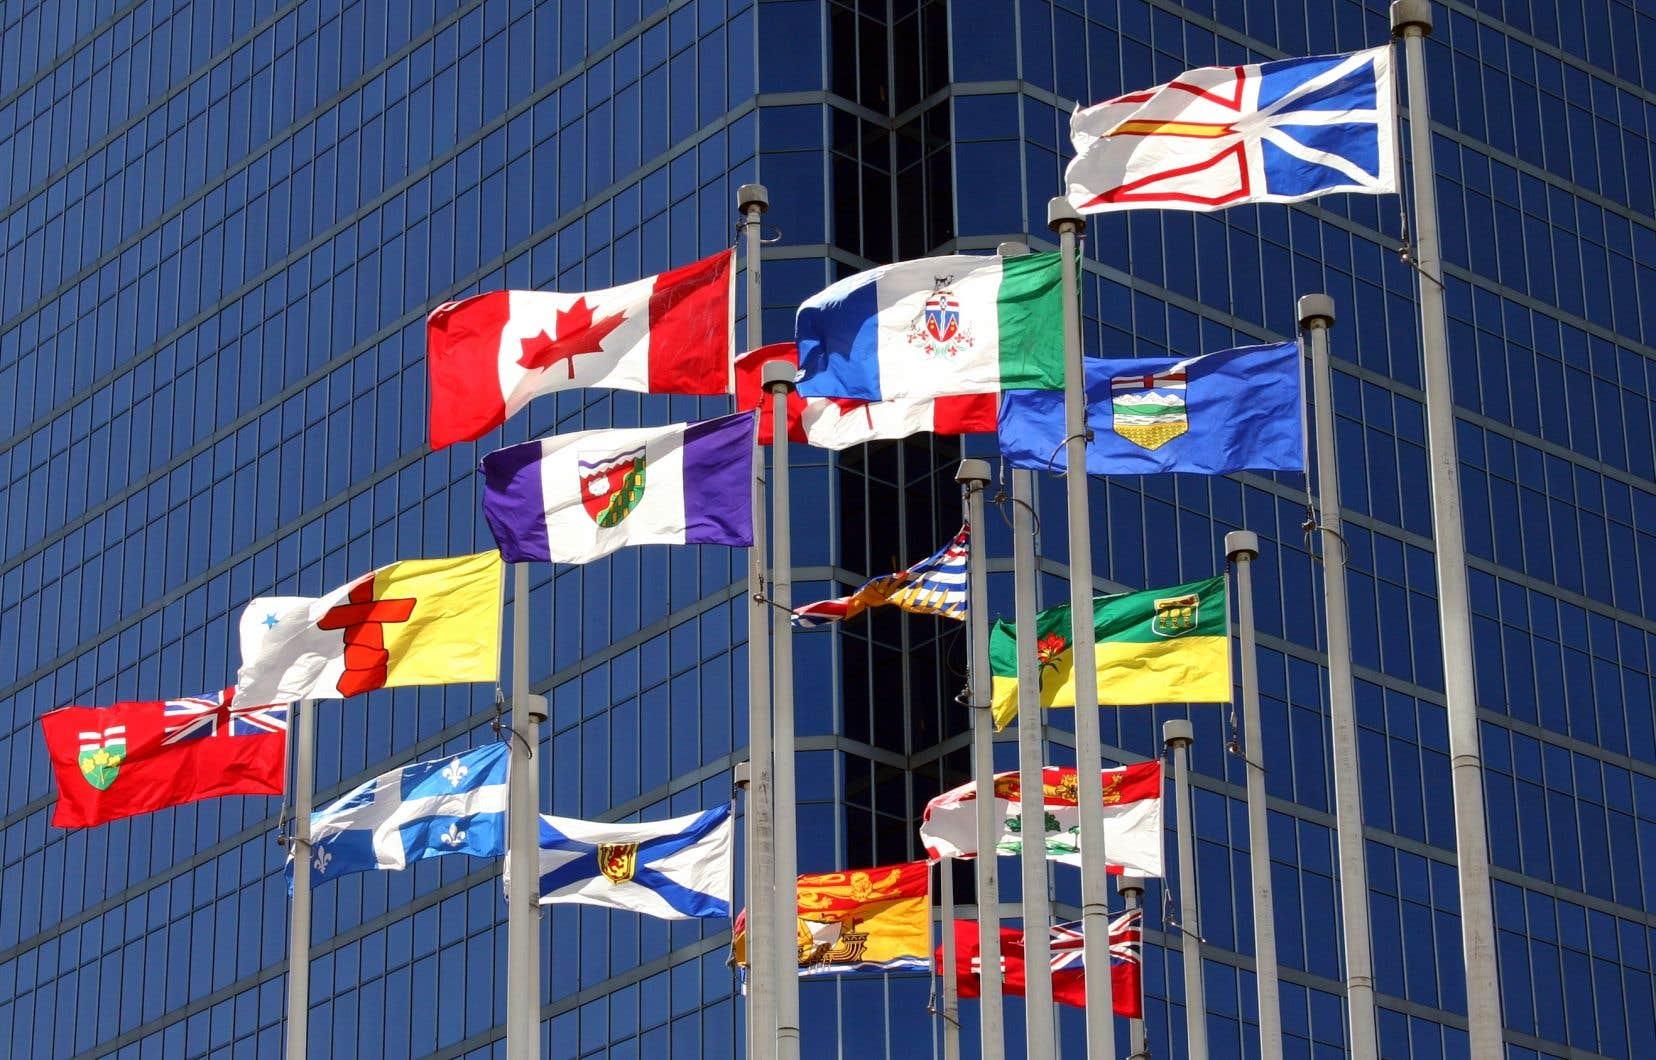 La place du français au pays s'érode, constate l'auteur, bien que 80% des Canadiens et des Canadiennes considèrent nos langues officielles comme une valeur fondamentale.